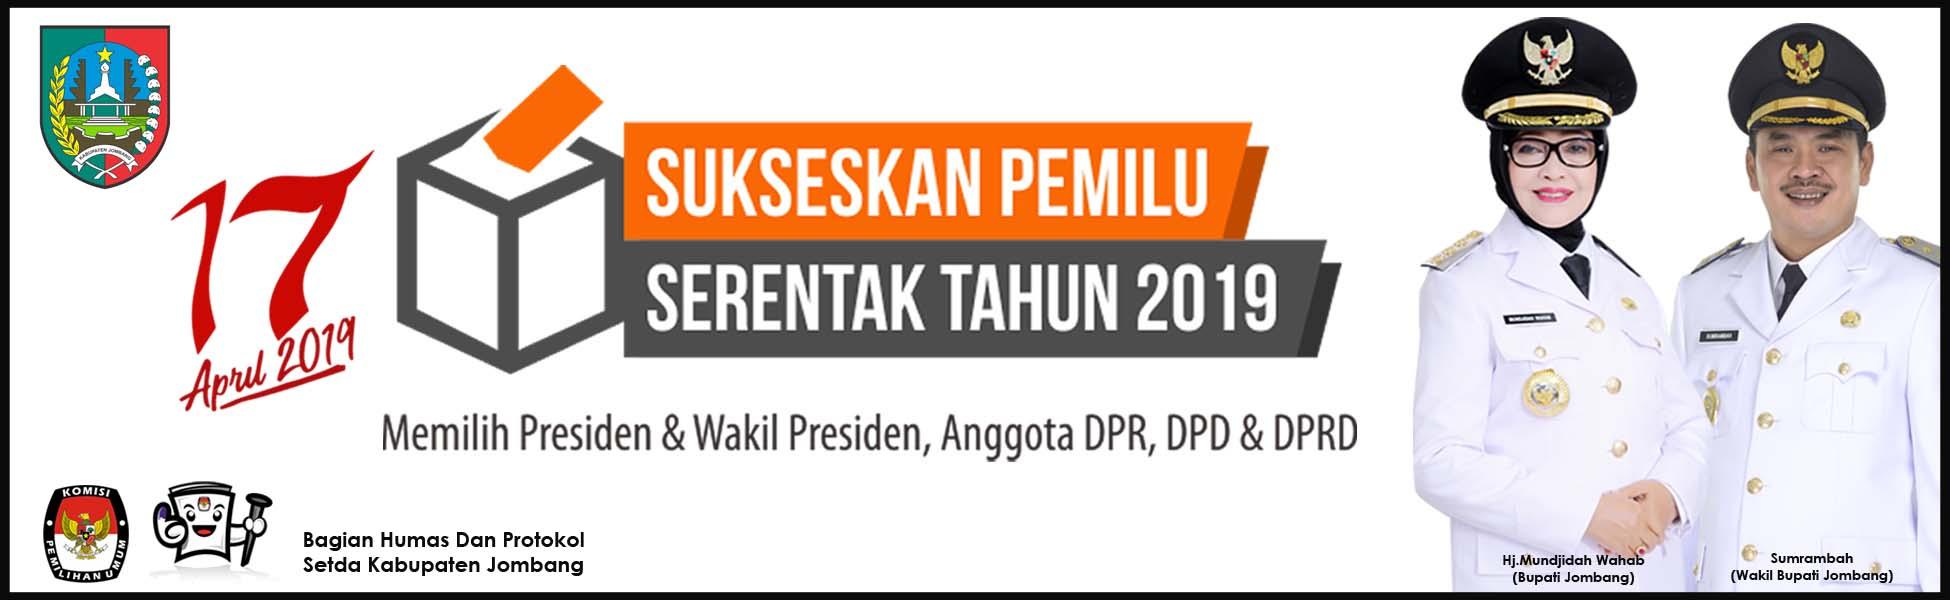 Pemkab Jombang Sukseskan Pemilu 2019